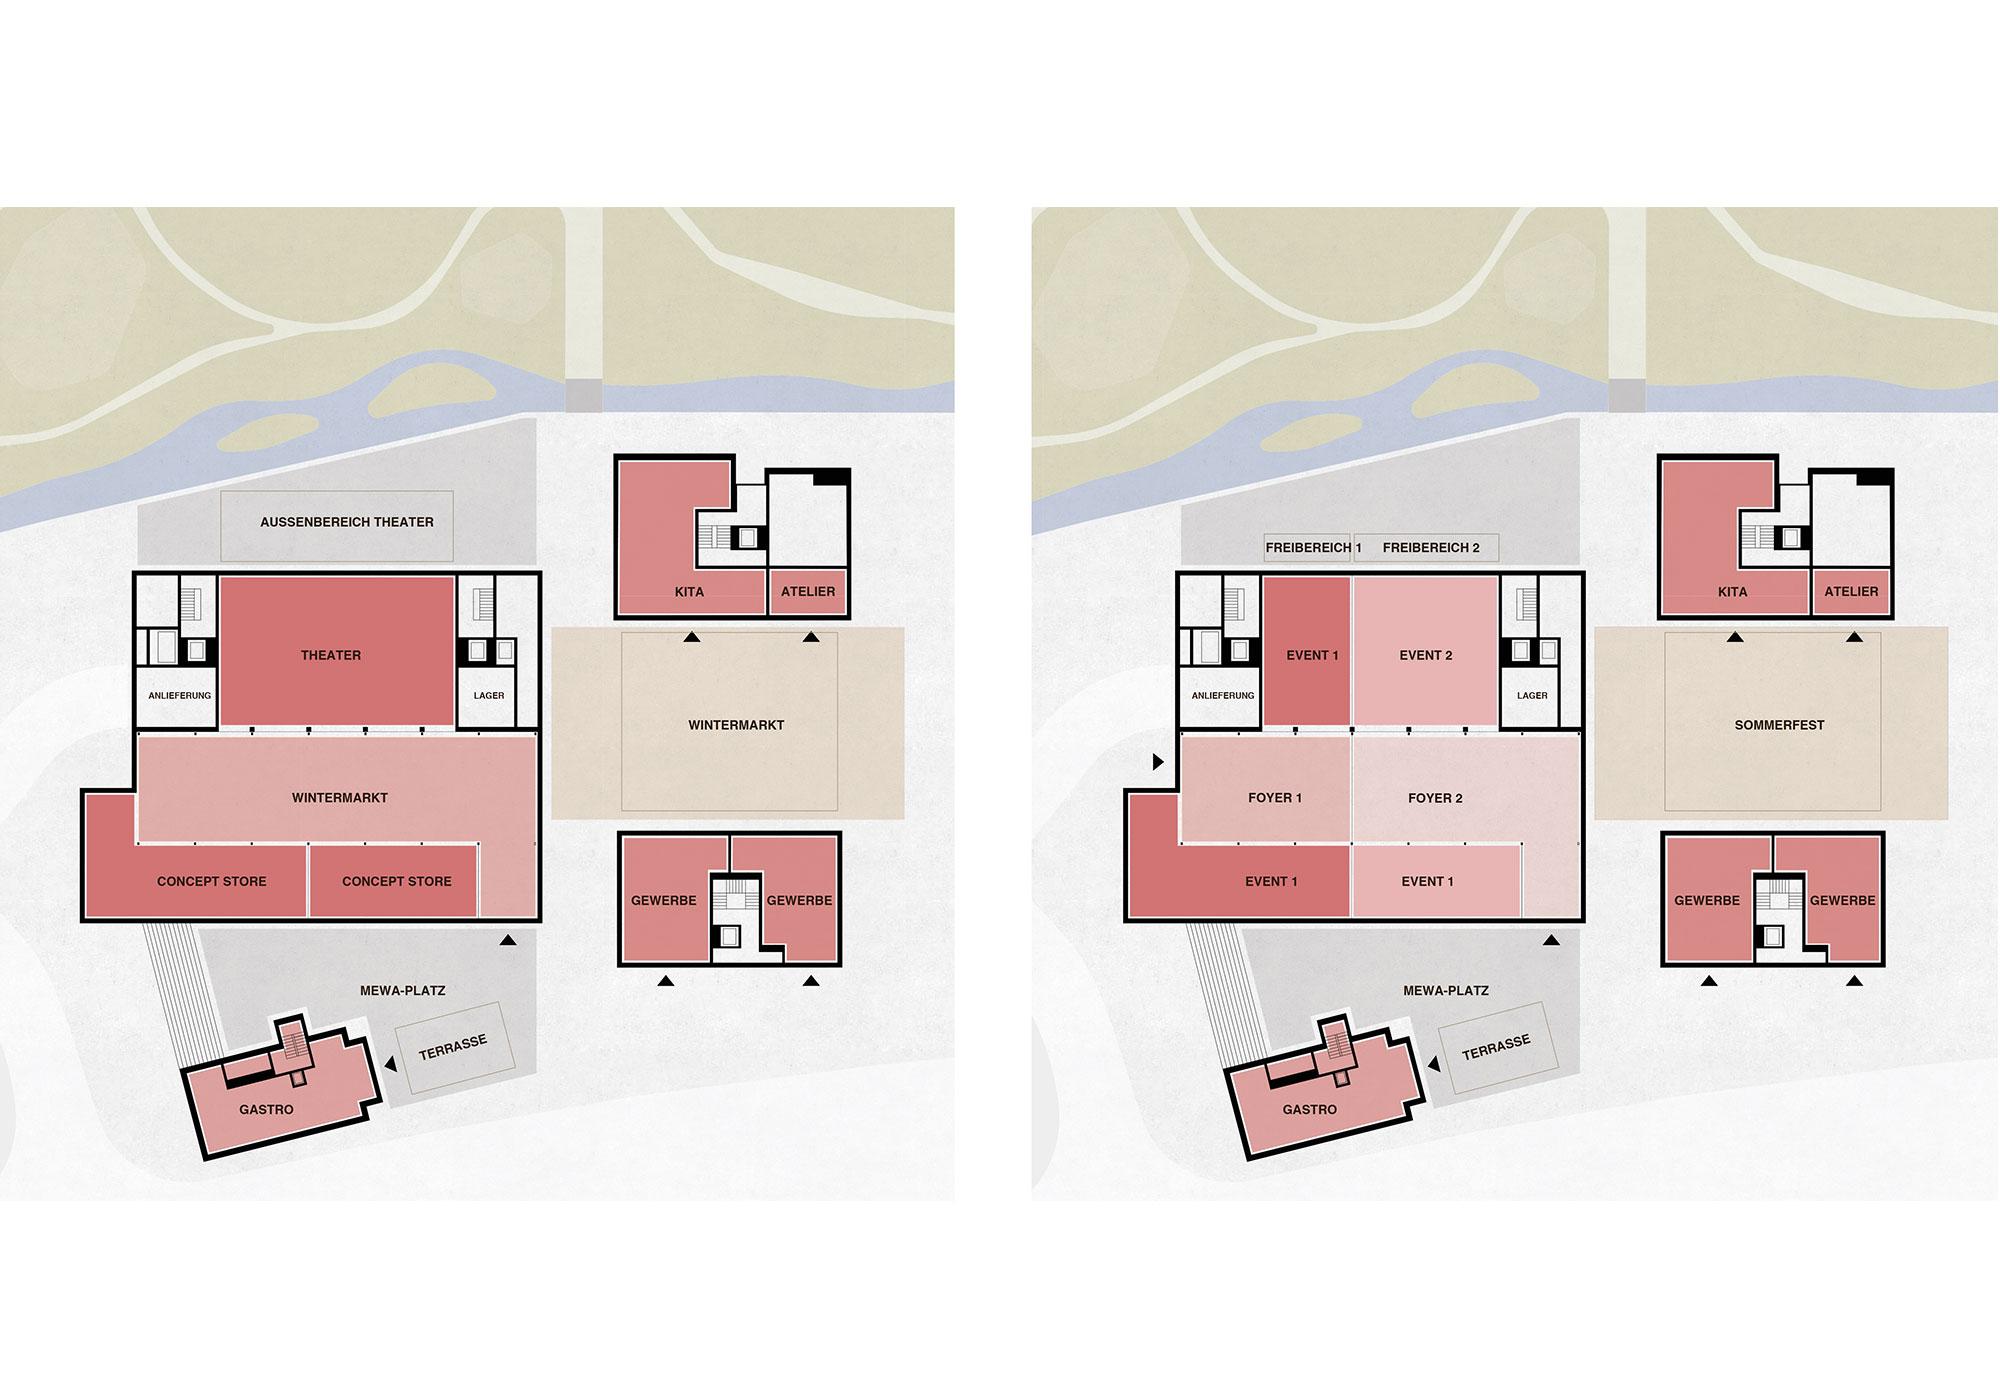 Flexibilität Nutzungsmodul Bühne - Szenario 3 und 4